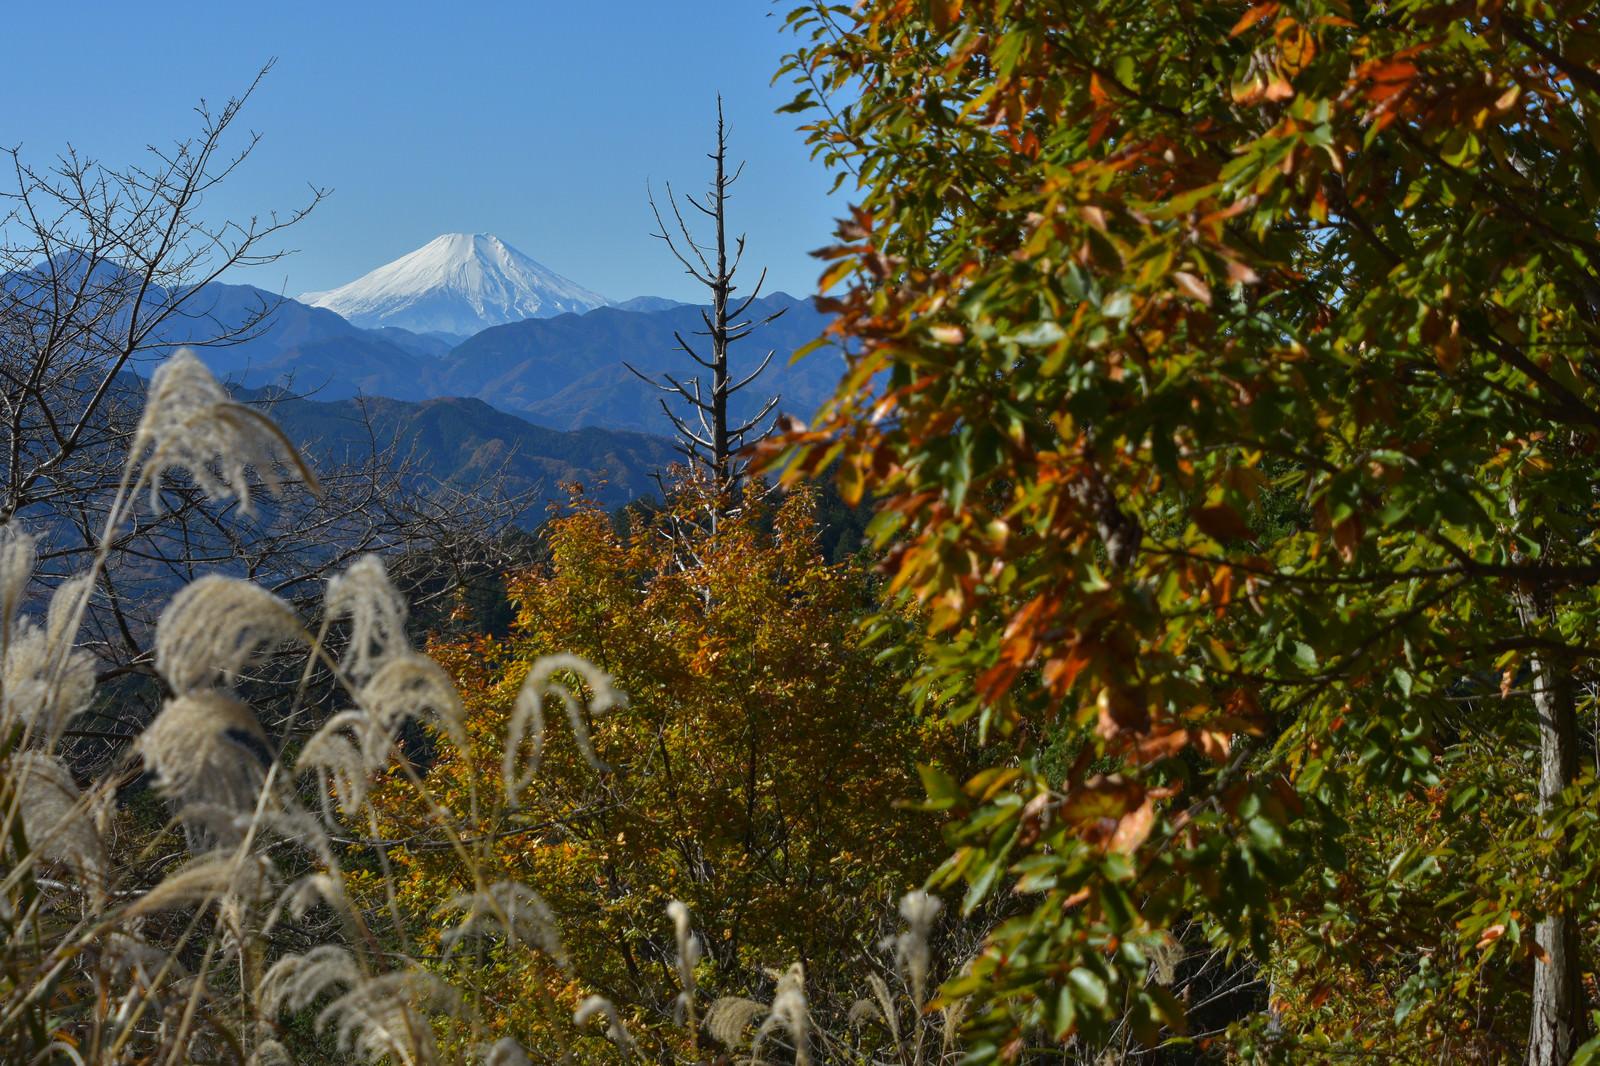 「紅葉した木々から望む初冬の富士山」の写真